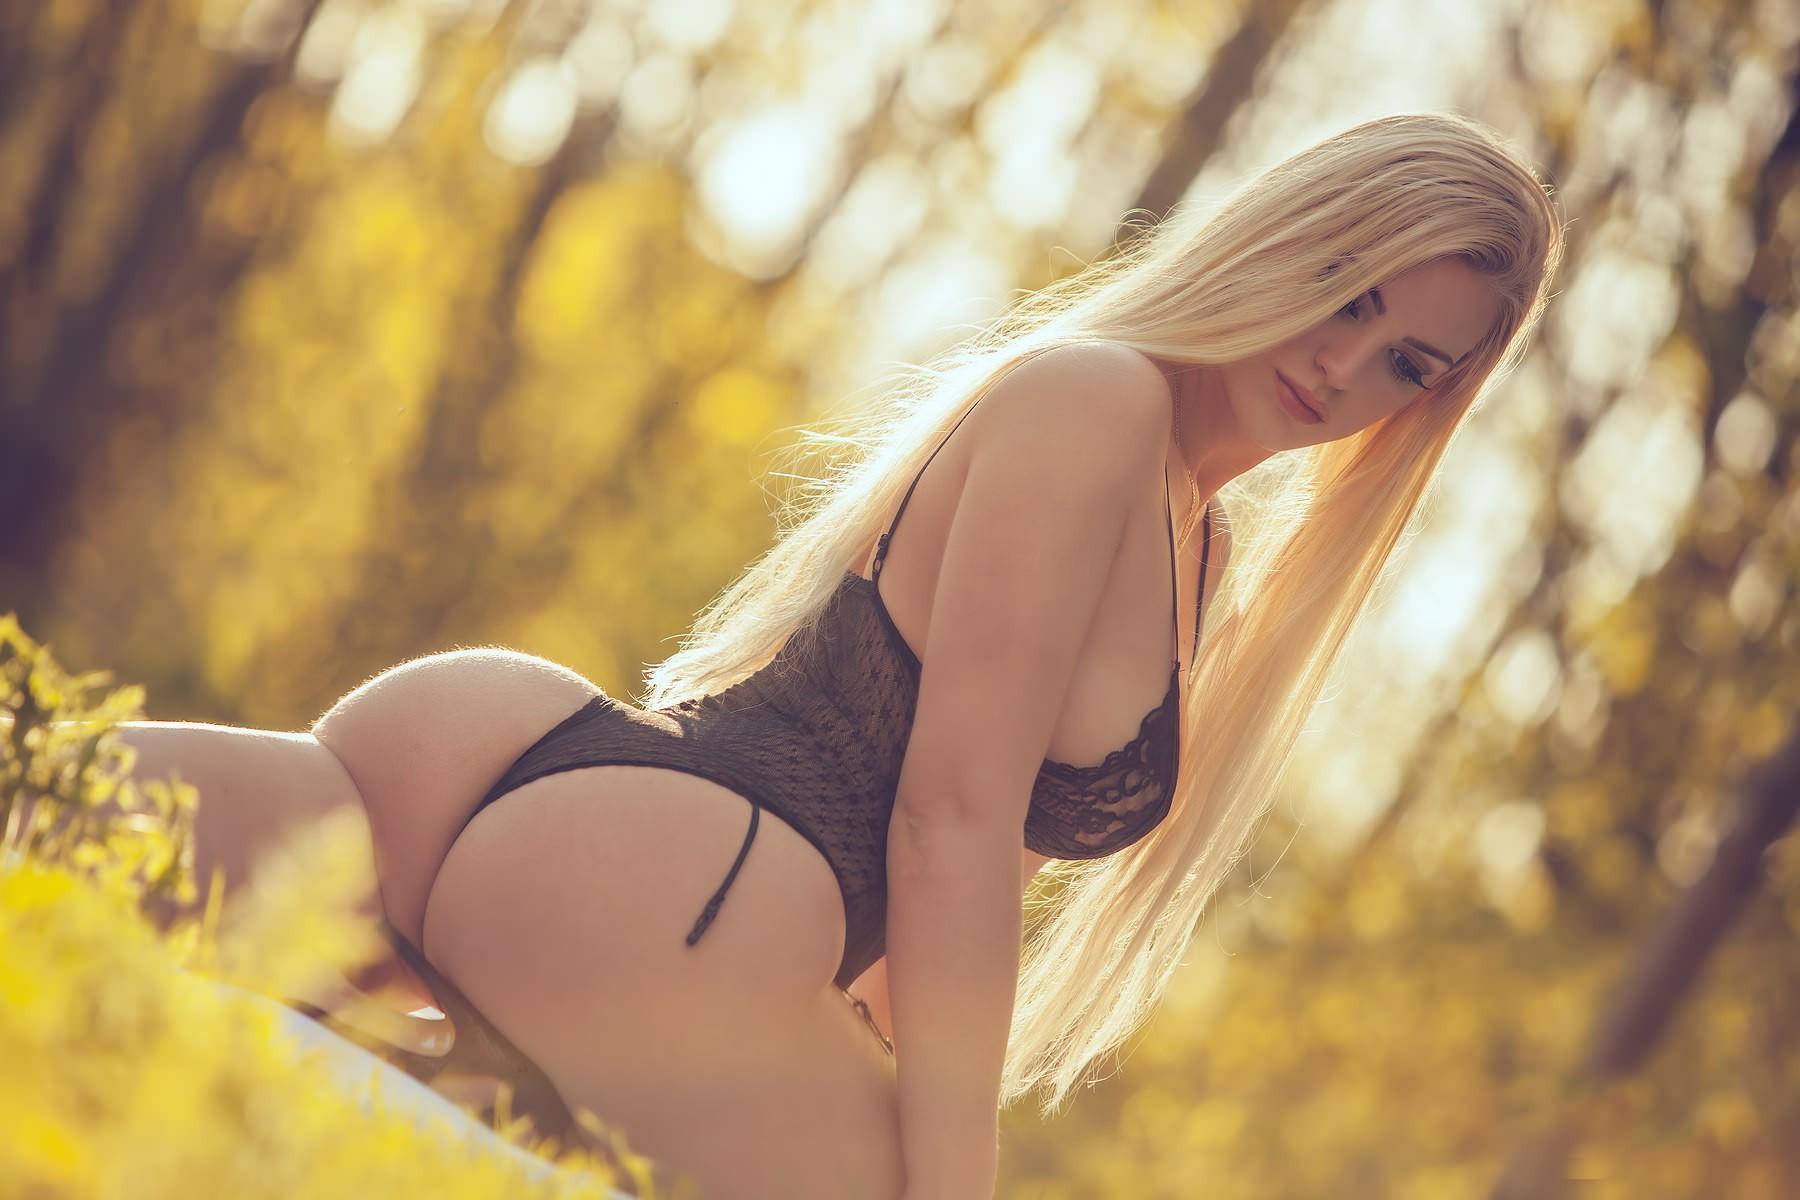 ocharovatelnaya-blondinka-s-shikarnoy-popoy-foto-foto-golih-zhenshin-na-retro-foto